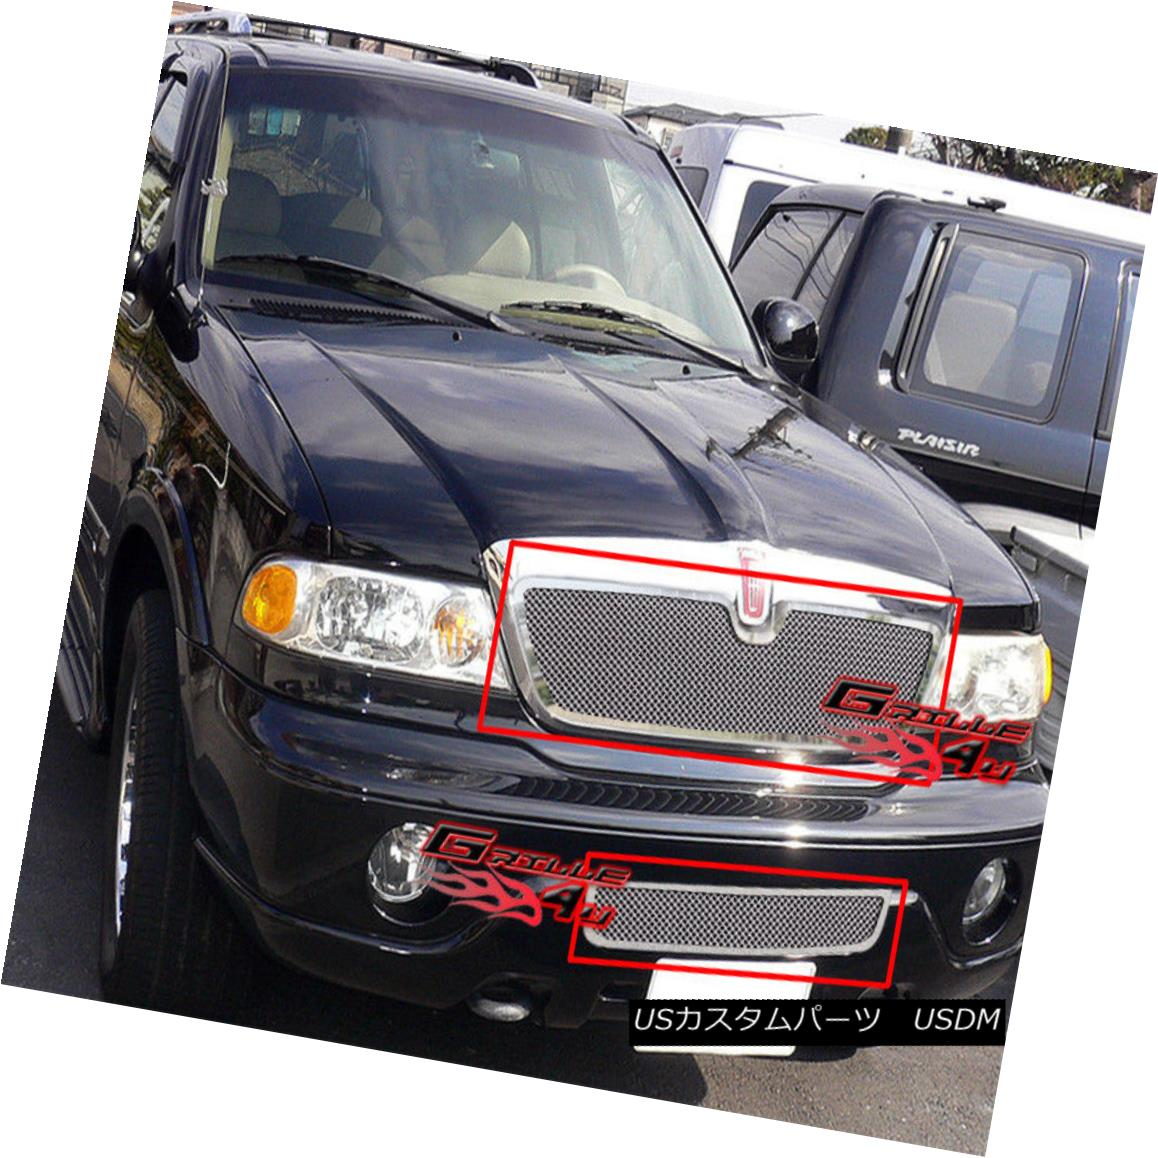 グリル Fits 2003-2006 Lincoln Navigator Stainless Mesh Grille Combo フィット2003-2006リンカーンナビゲーターステンレスメッシュグリルコンボ